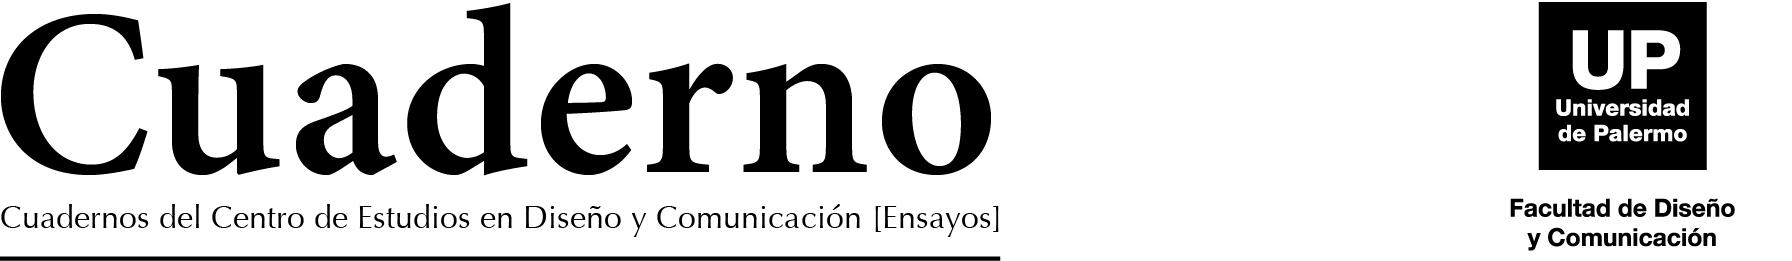 CUADERNOS DEL CENTRO DE ESTUDIOS EN DISEÑO Y COMUNICACIÓN